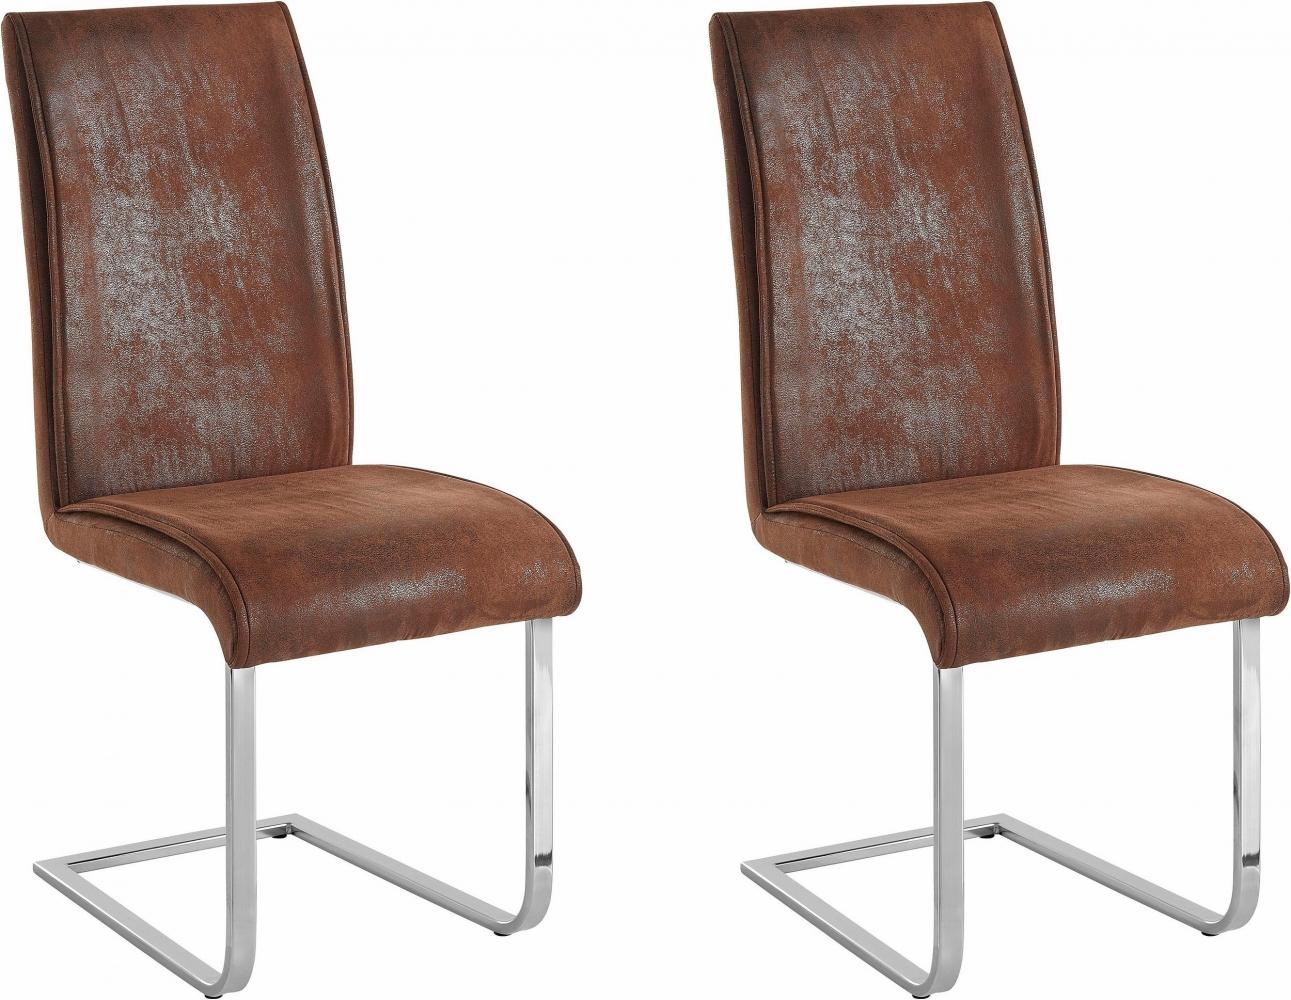 Jídelní židle Mant (SET 2 ks), hnědá